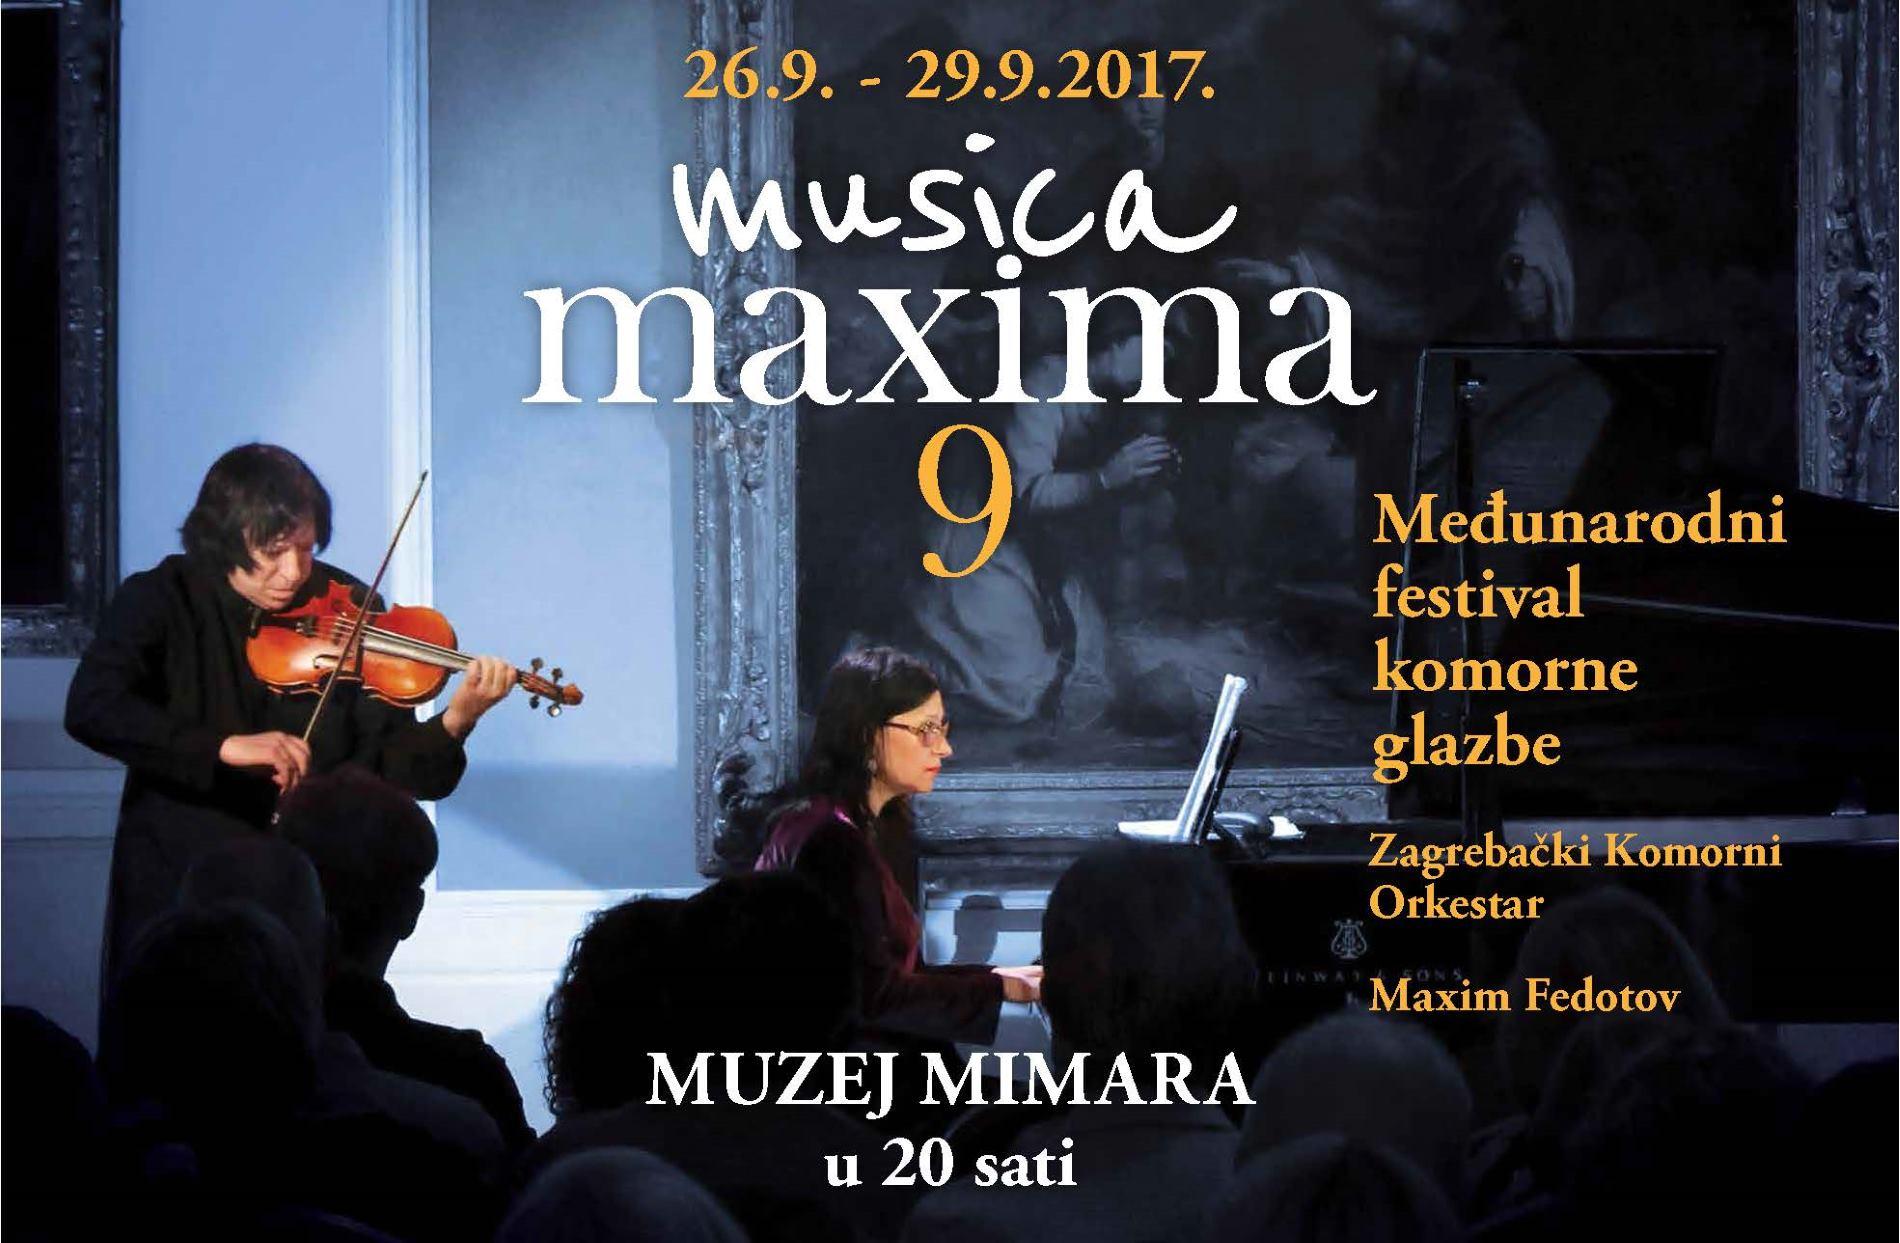 MUSICA MAXIMA Međunarodni festival komorne glazbe u Muzeju Mimara